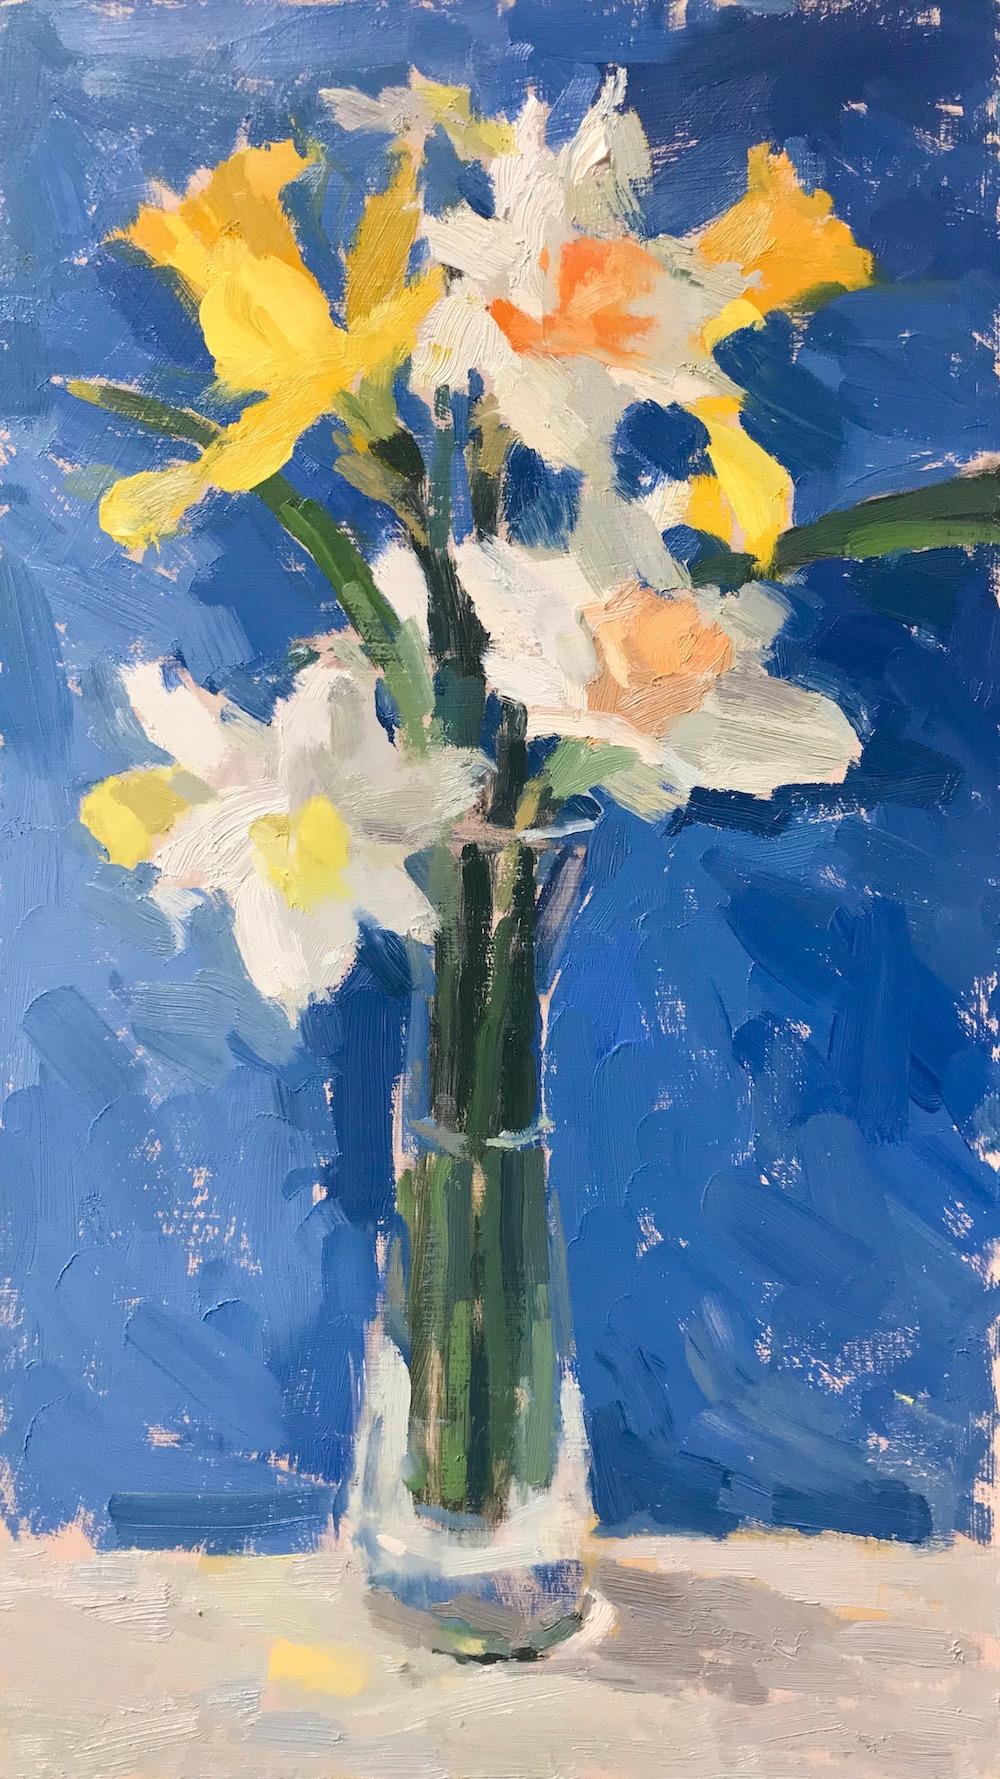 Daffodils & Narcissi